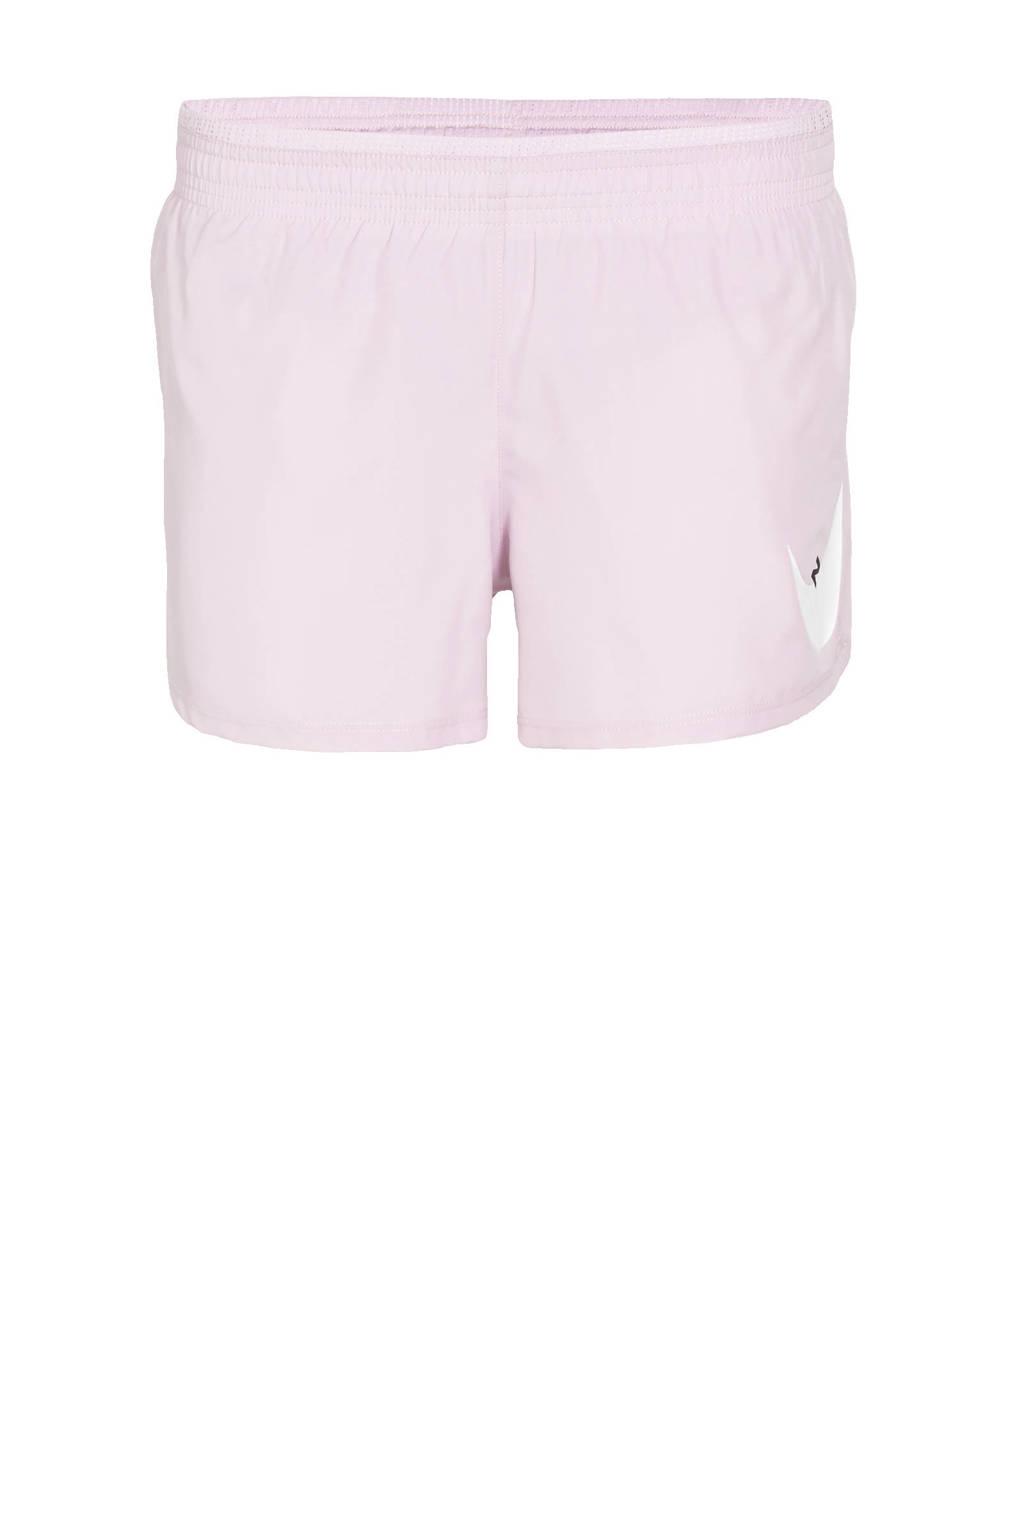 Nike hardloopshort lila/wit, Lila/wit